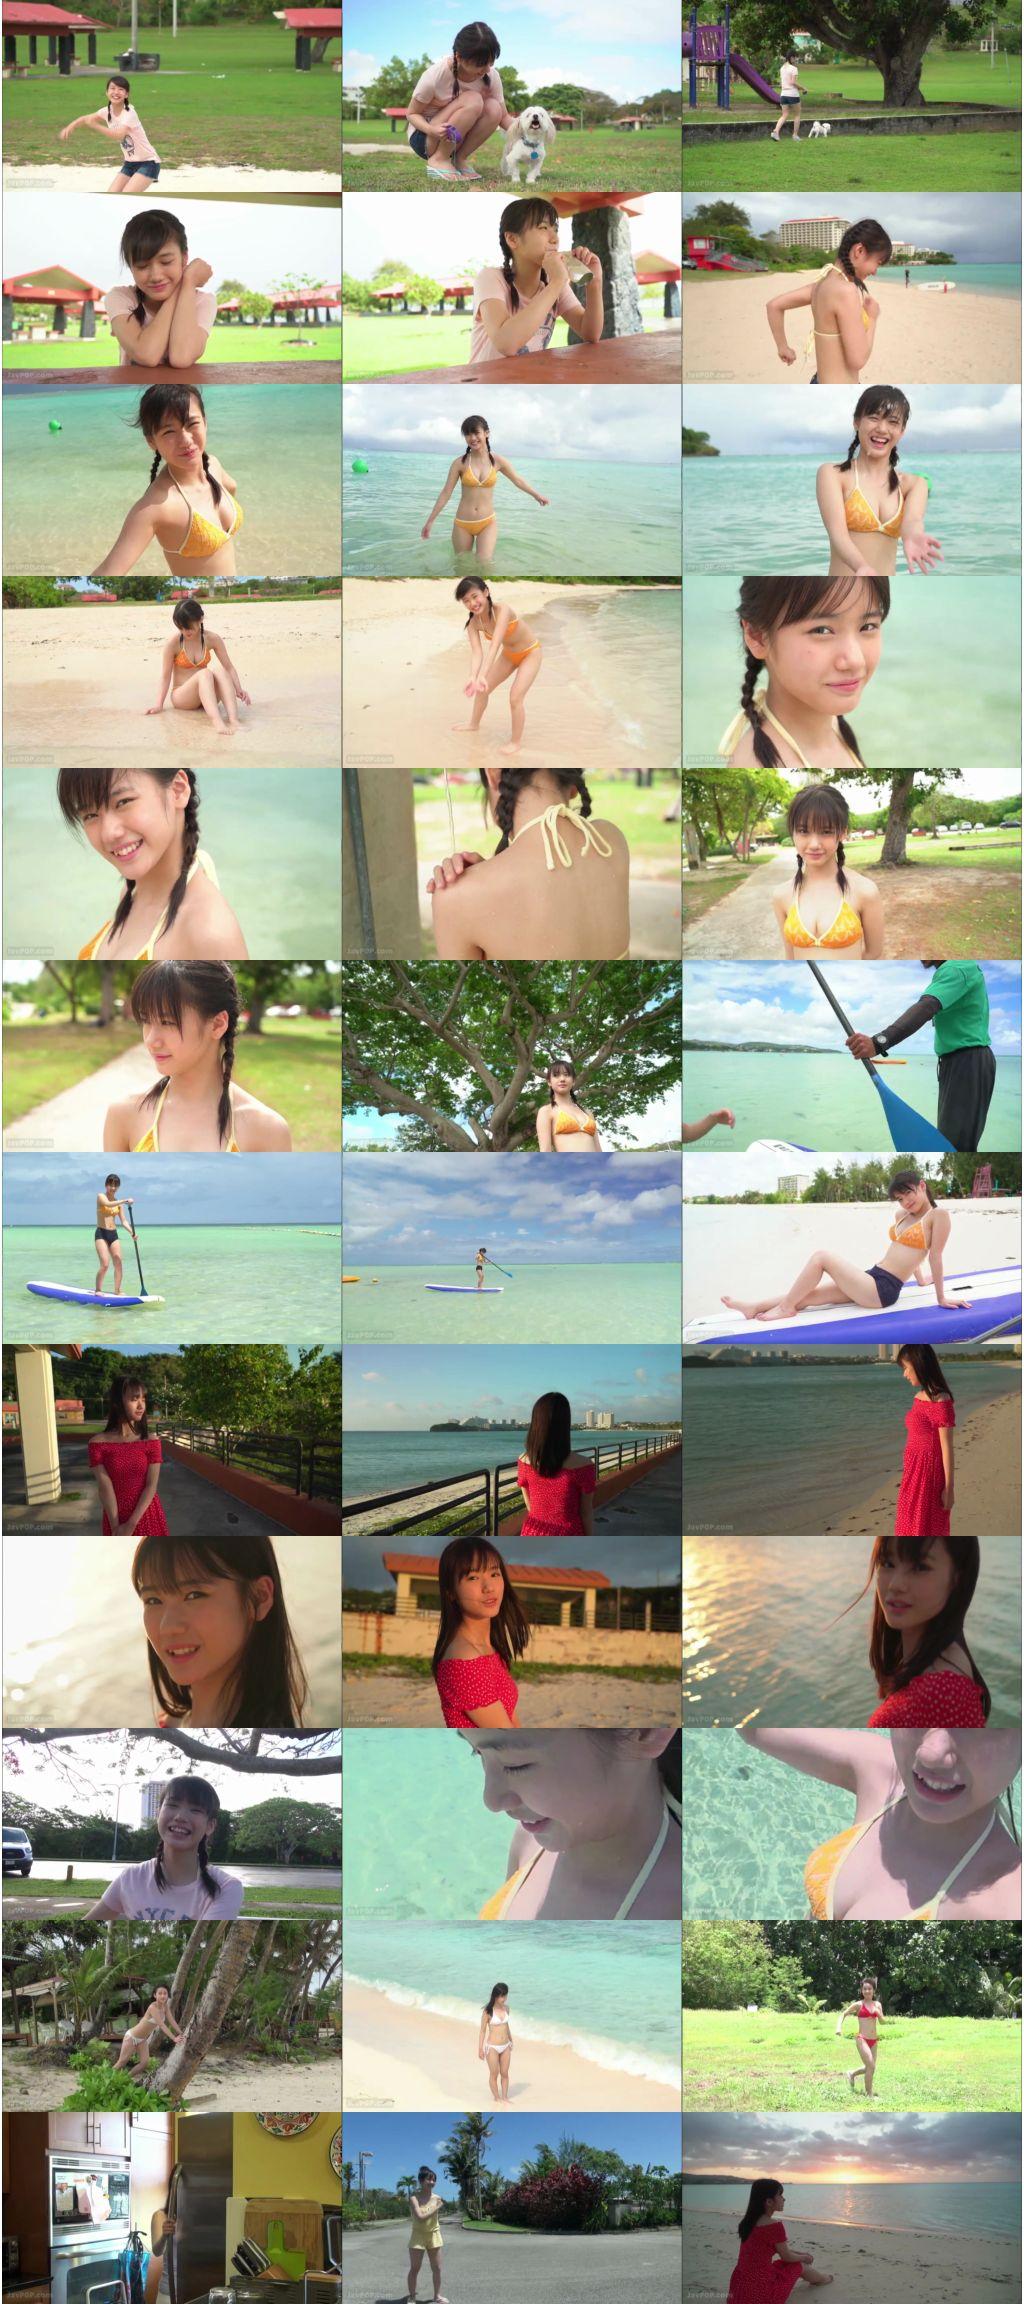 epxe 5134 reina yokoyama s - [EPXE-5134] 横山玲奈 Reina Yokoyama – First REINA YOKOYAMA